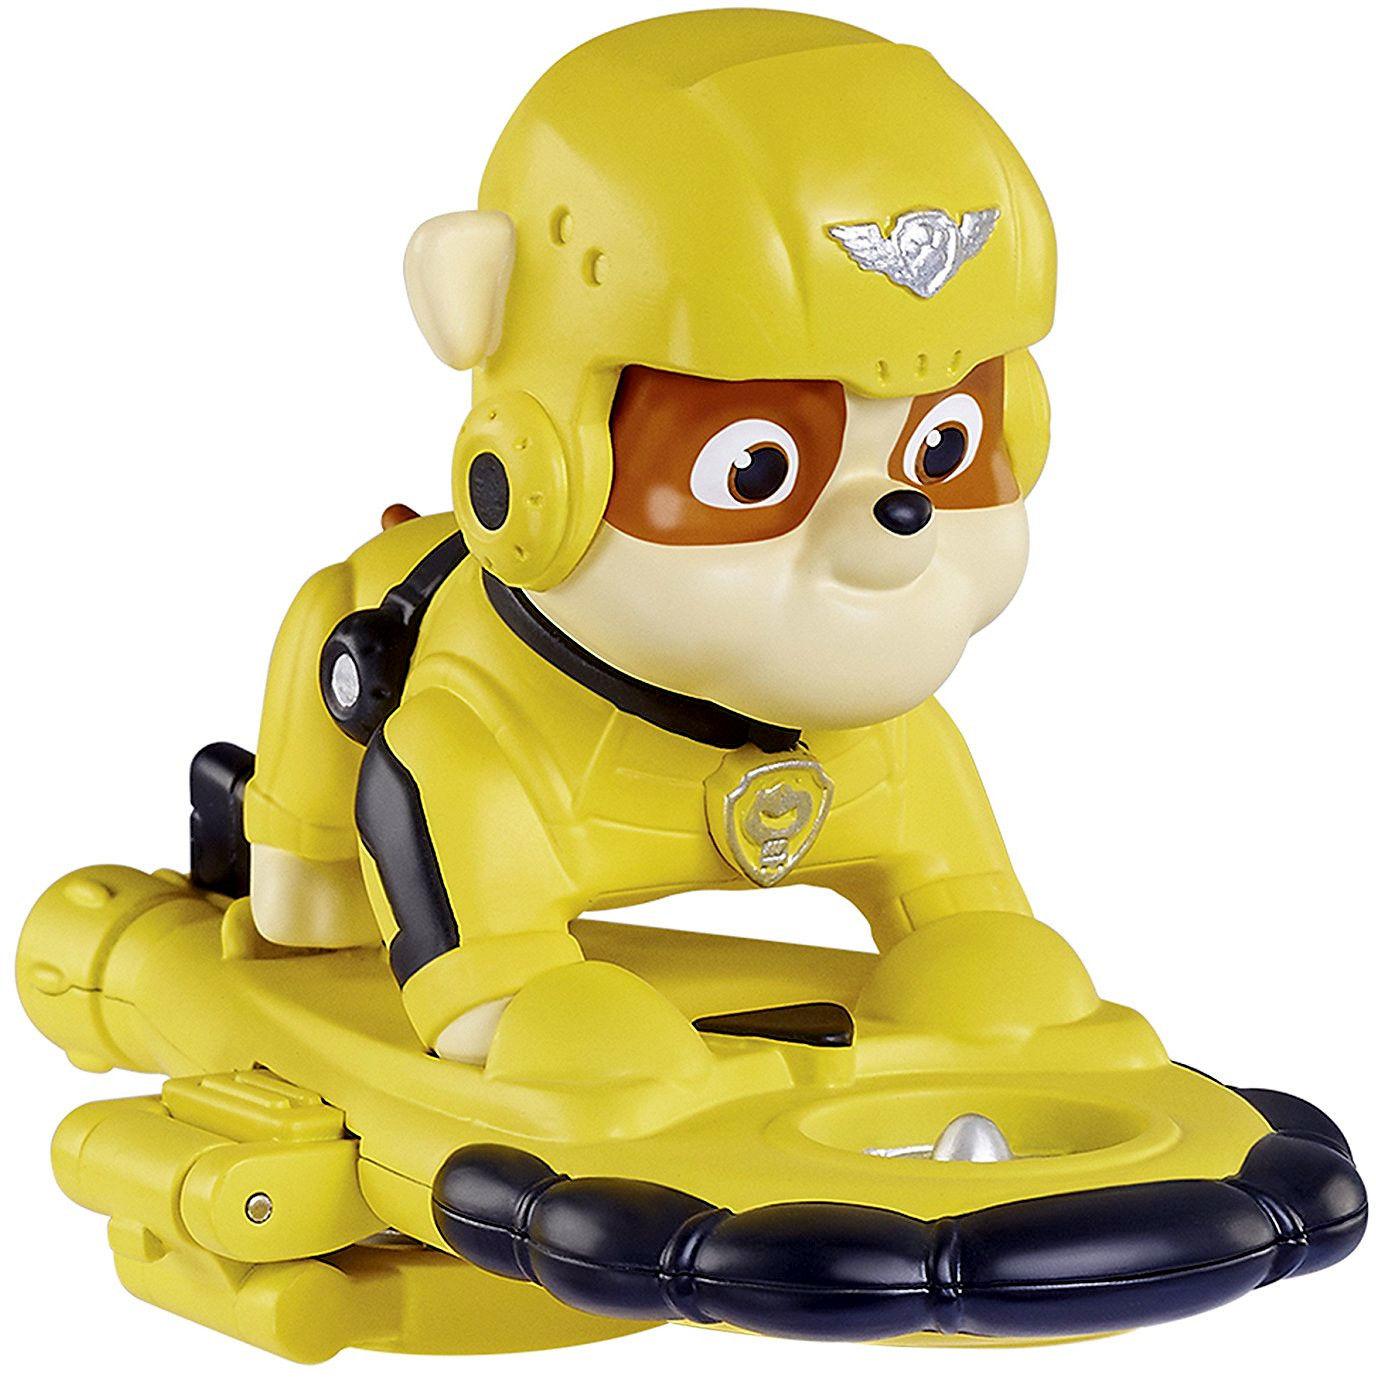 Psi Patrol - Figurka akcji Rubble z odznaką Patrol Powietrzny 71466 16669